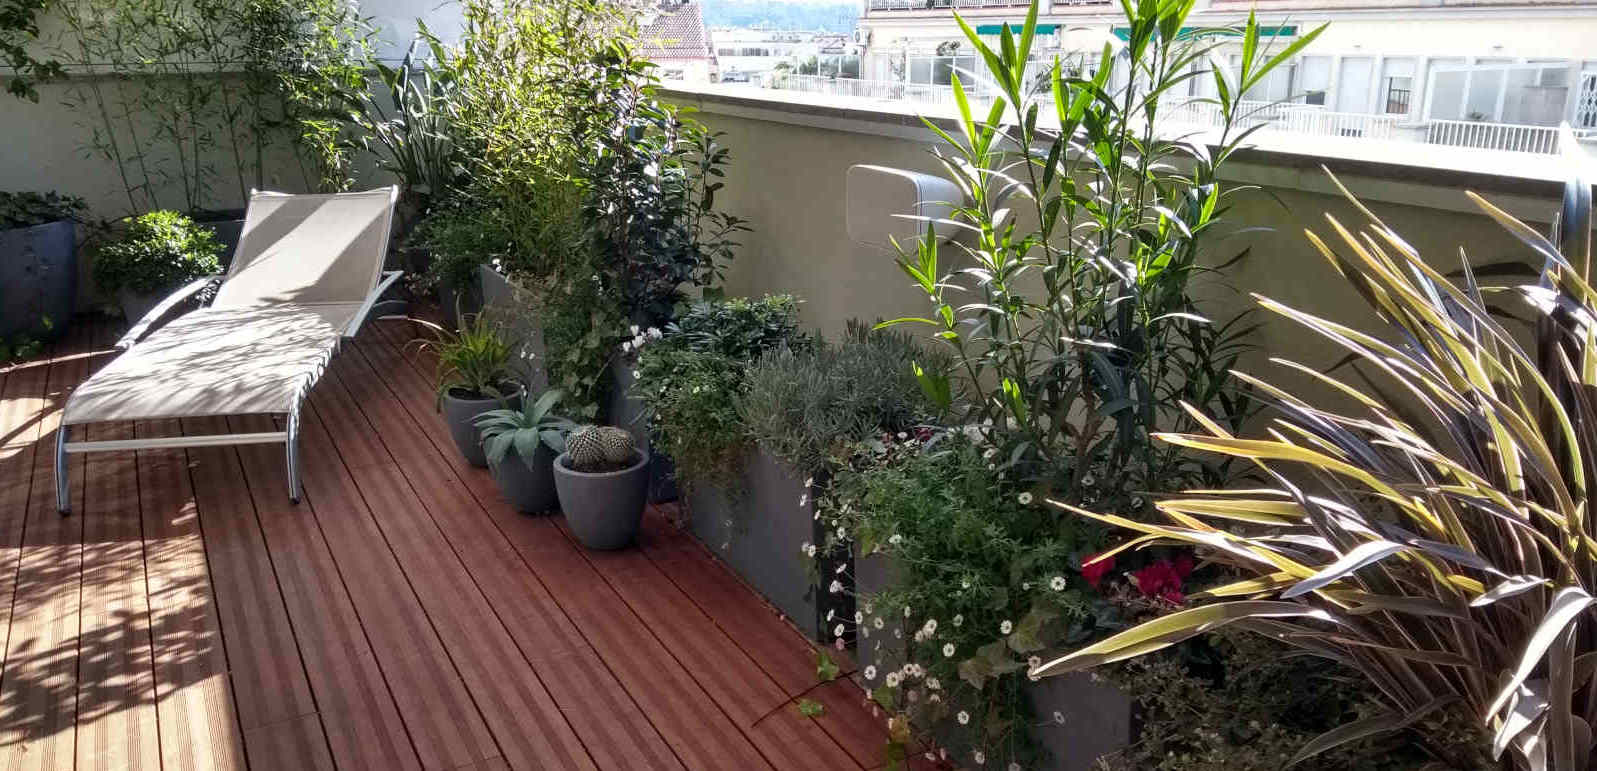 Jardinería en terrazas y balcones en Barcelona